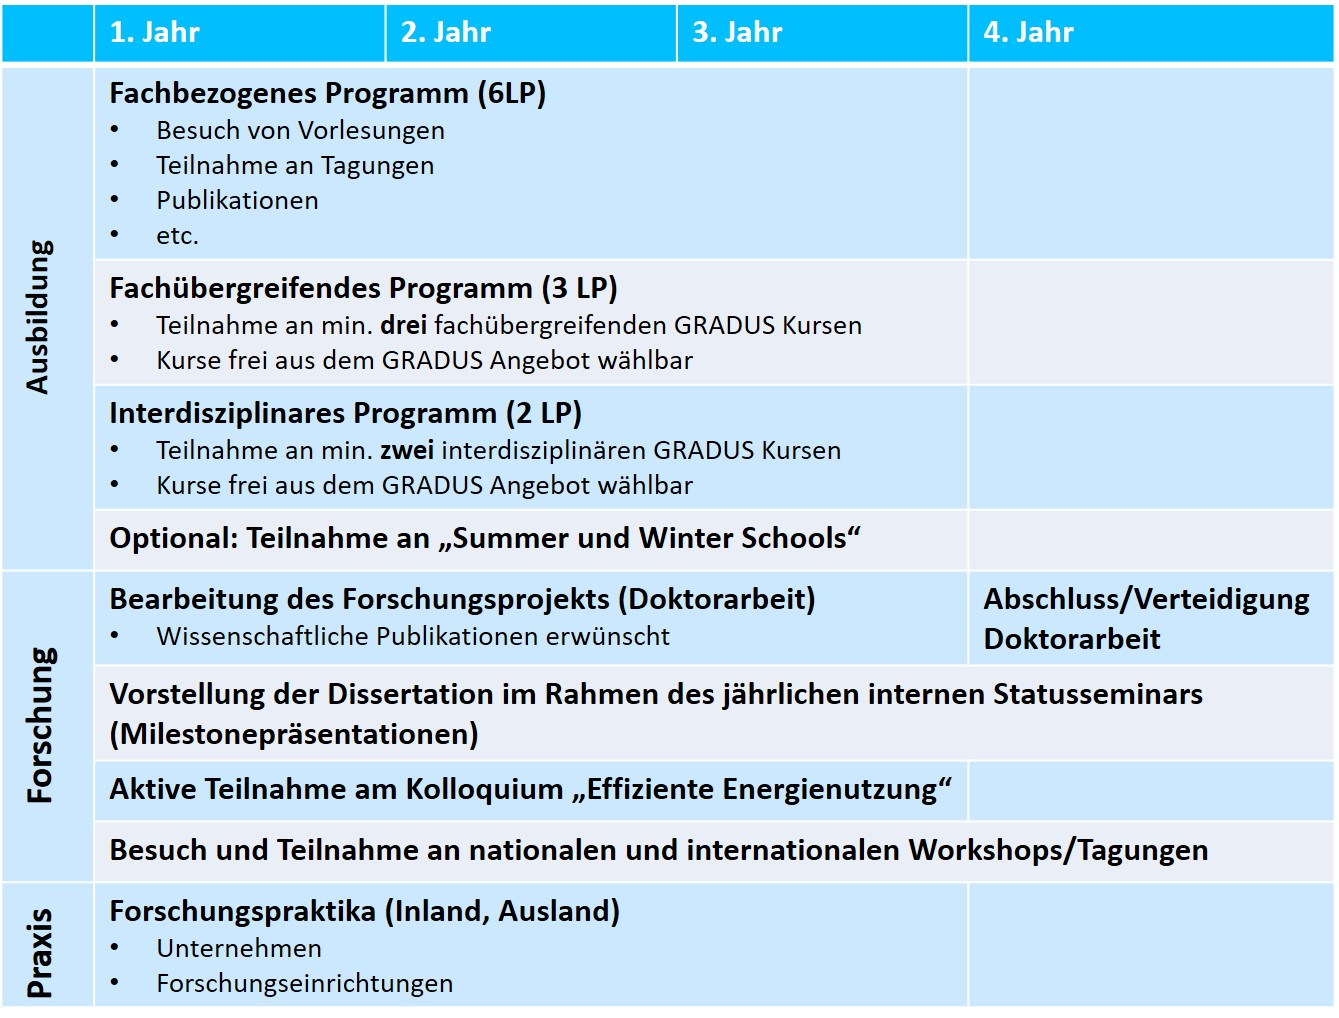 Graduierten-Ausbildungsprogramm | Graduierten- und Forschungsschule ...